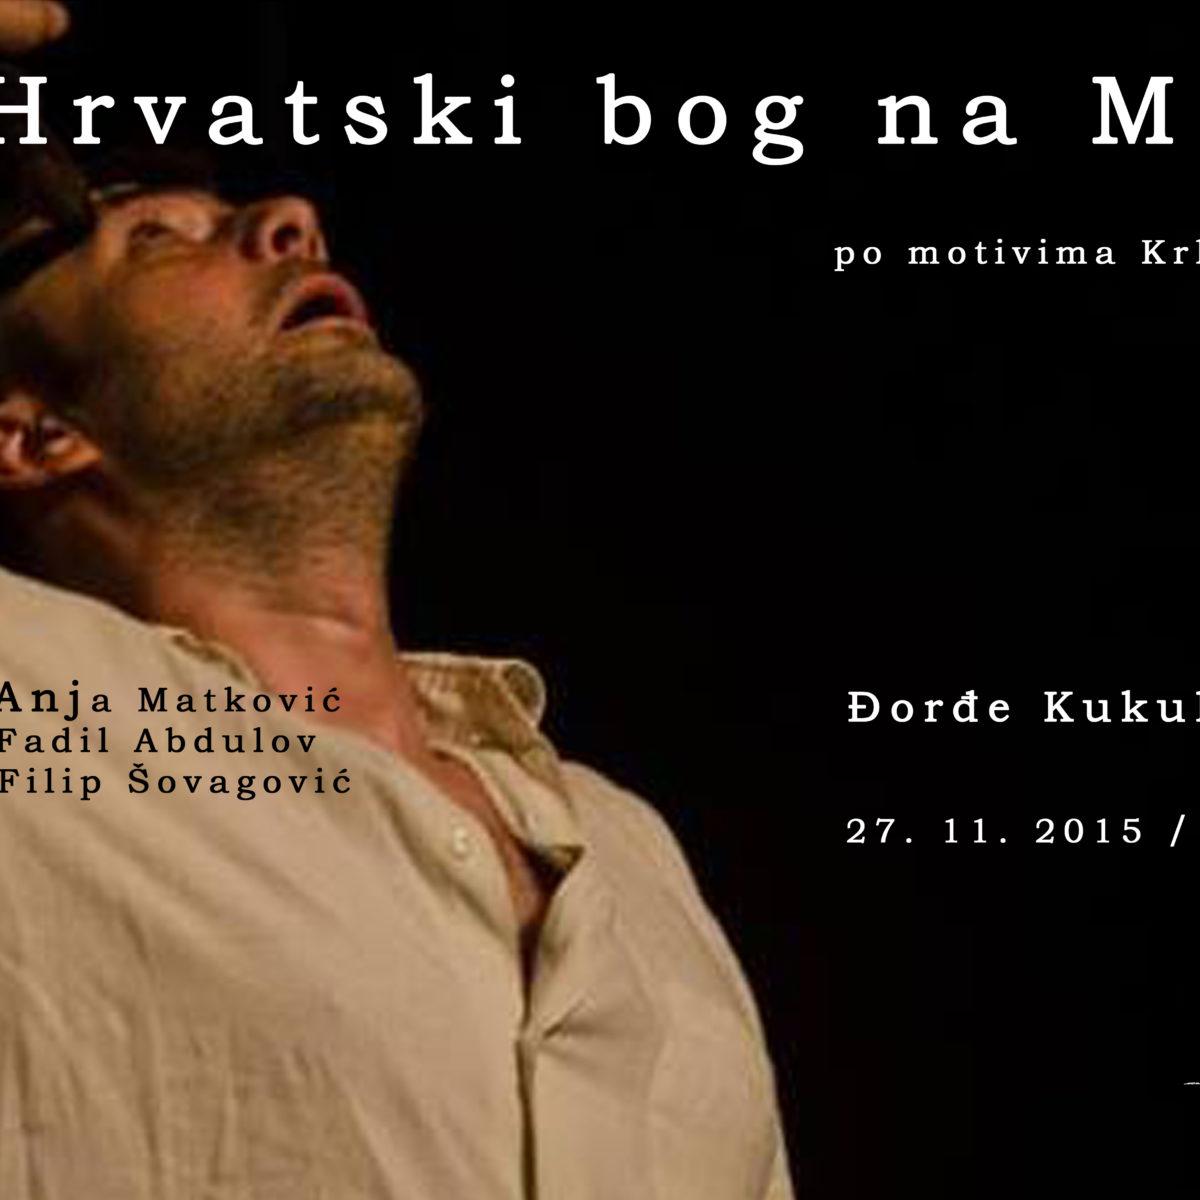 PREDSTAVA: Hrvatski bog na Marsu / 27. 11. / 20:00